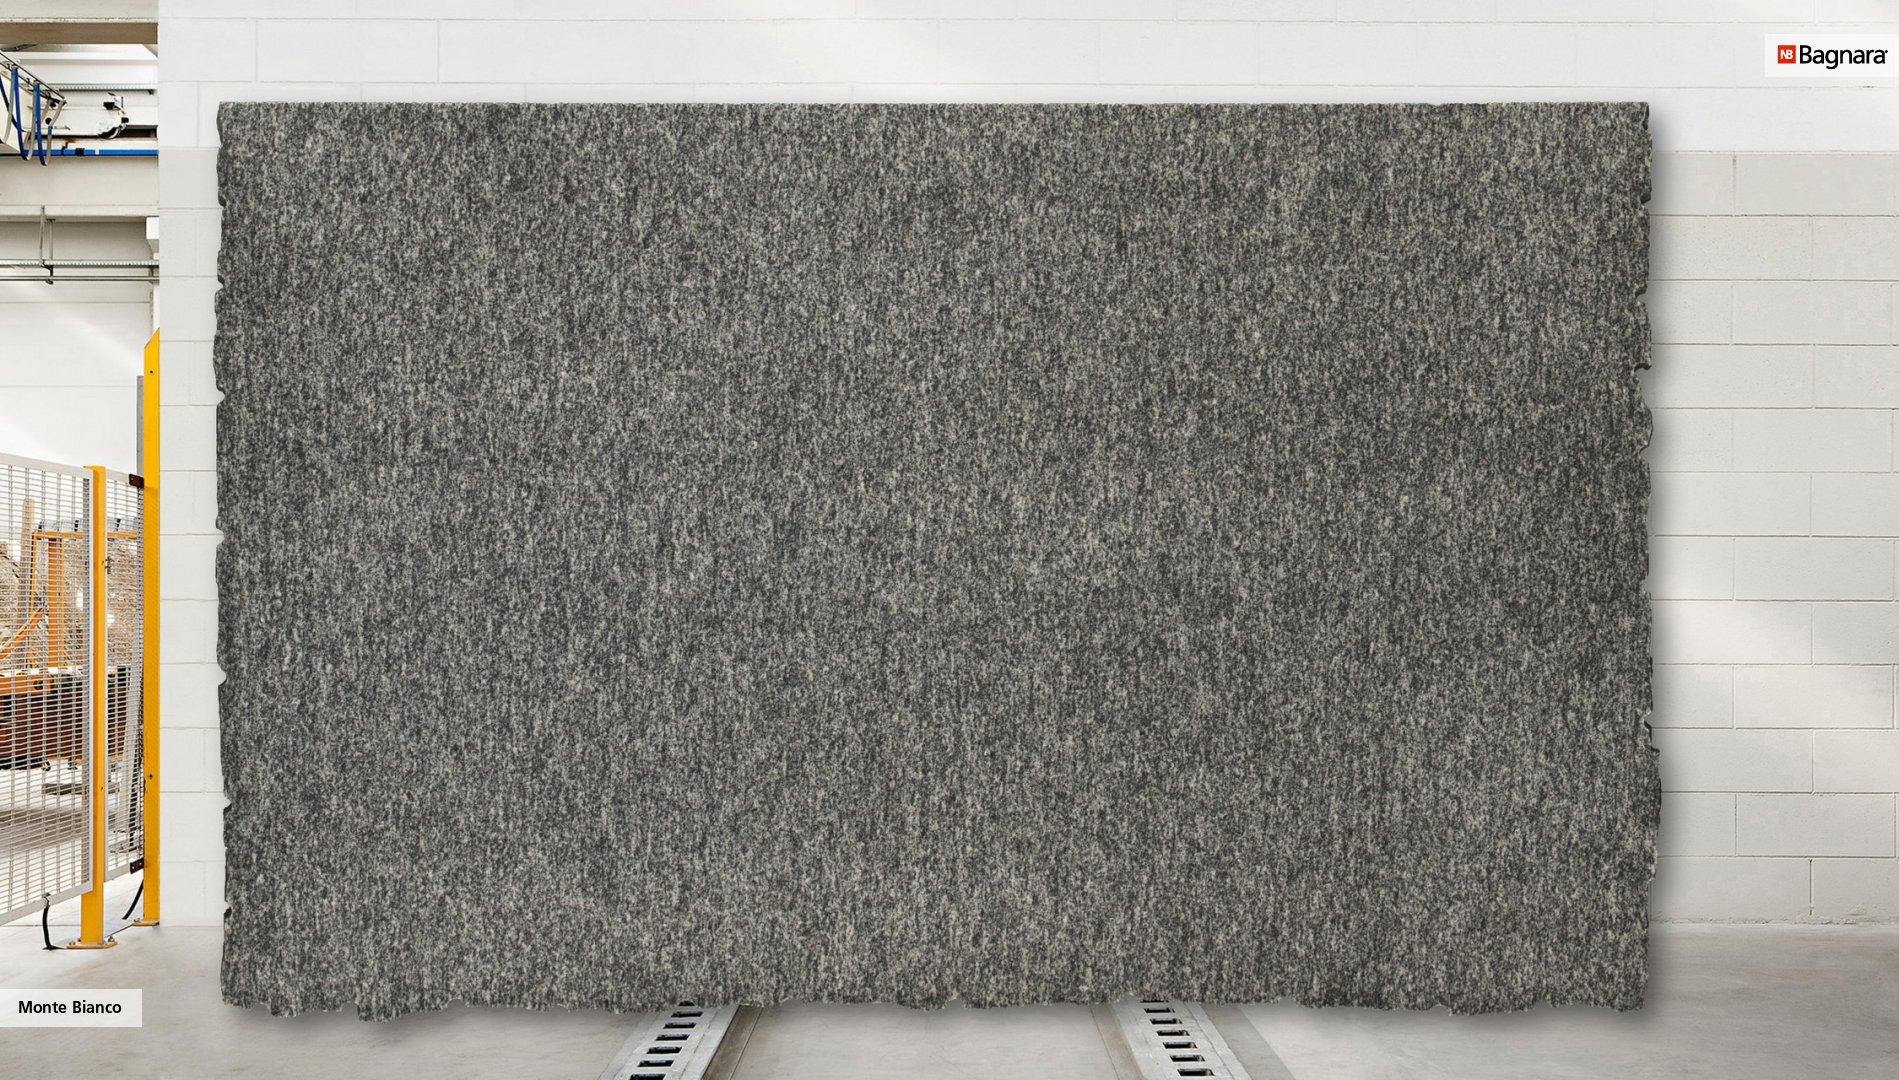 monte bianco bagnara. Black Bedroom Furniture Sets. Home Design Ideas